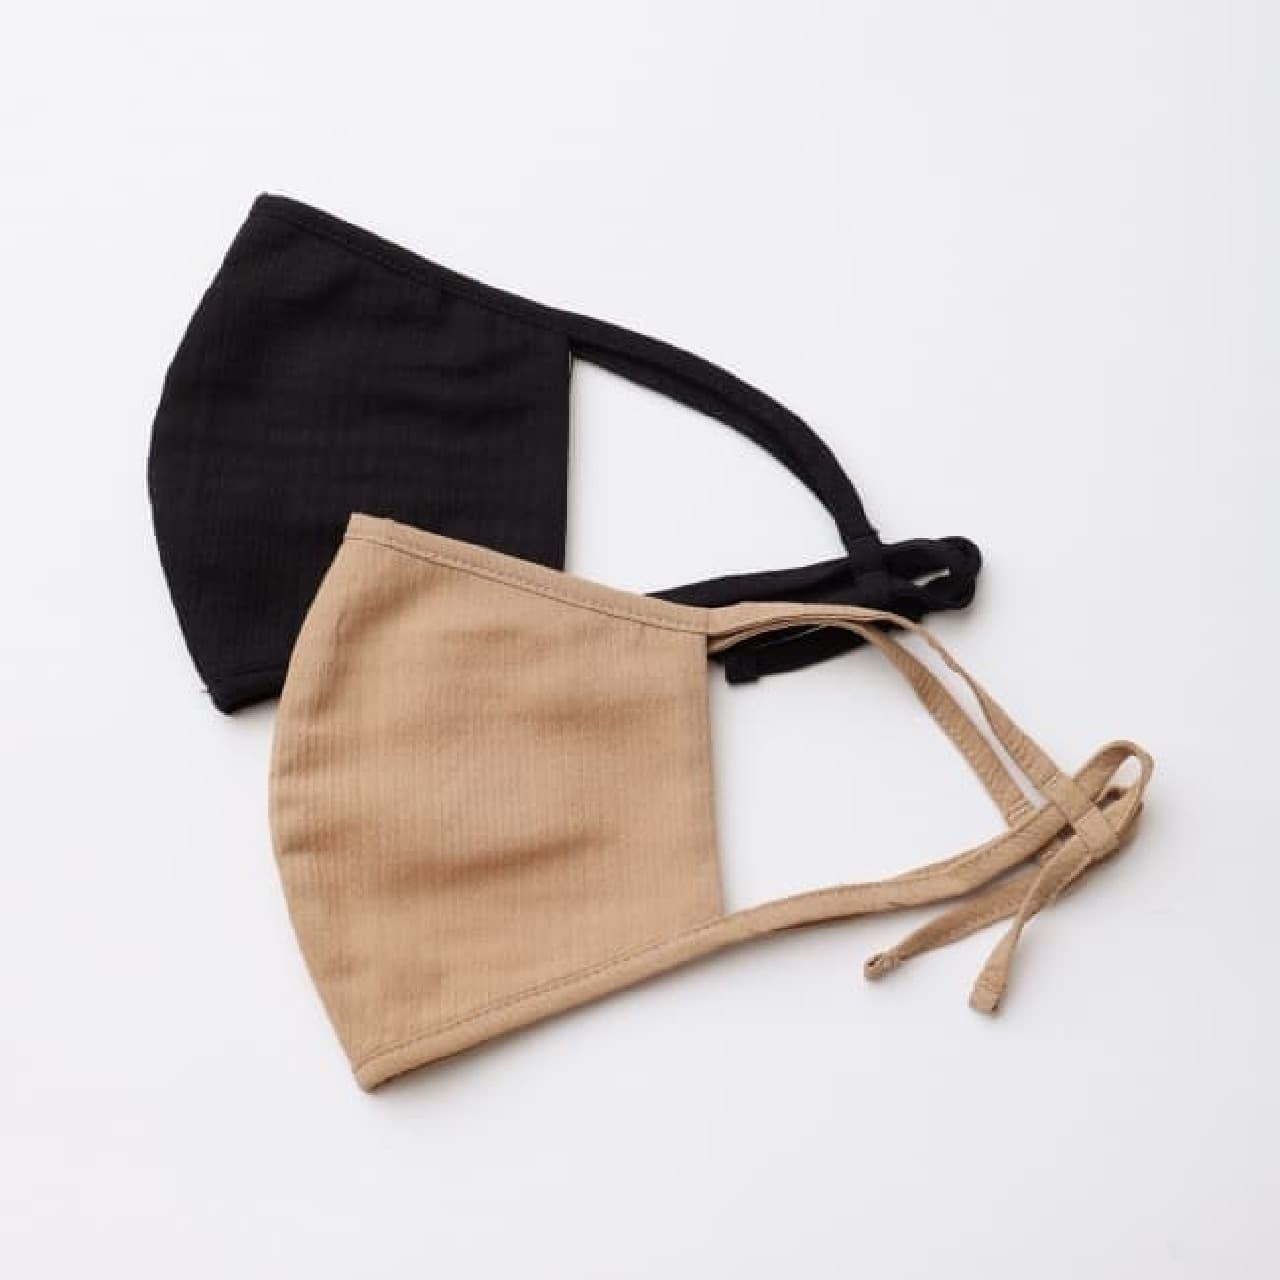 三陽商会から、オリジナル布製マスク商品の第3弾